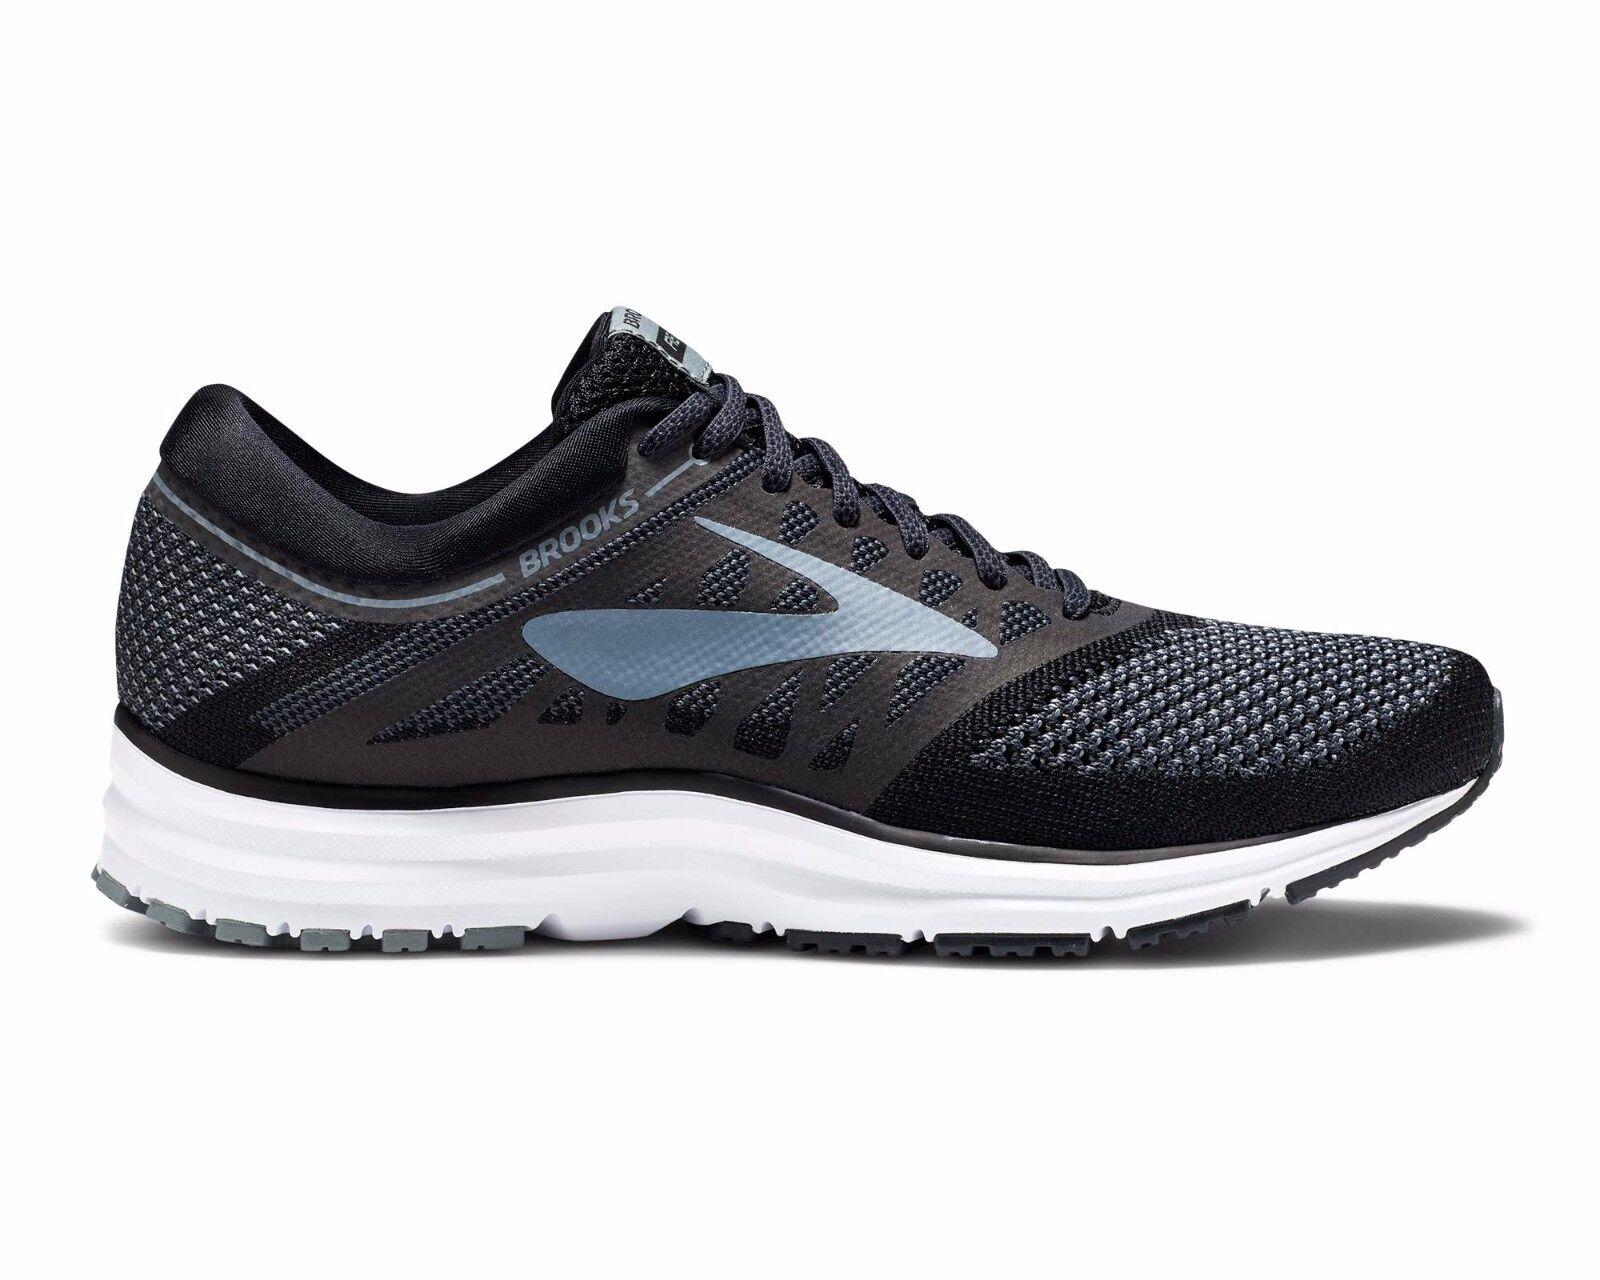 Brooks Revel Mens Running Shoes (D) (002)